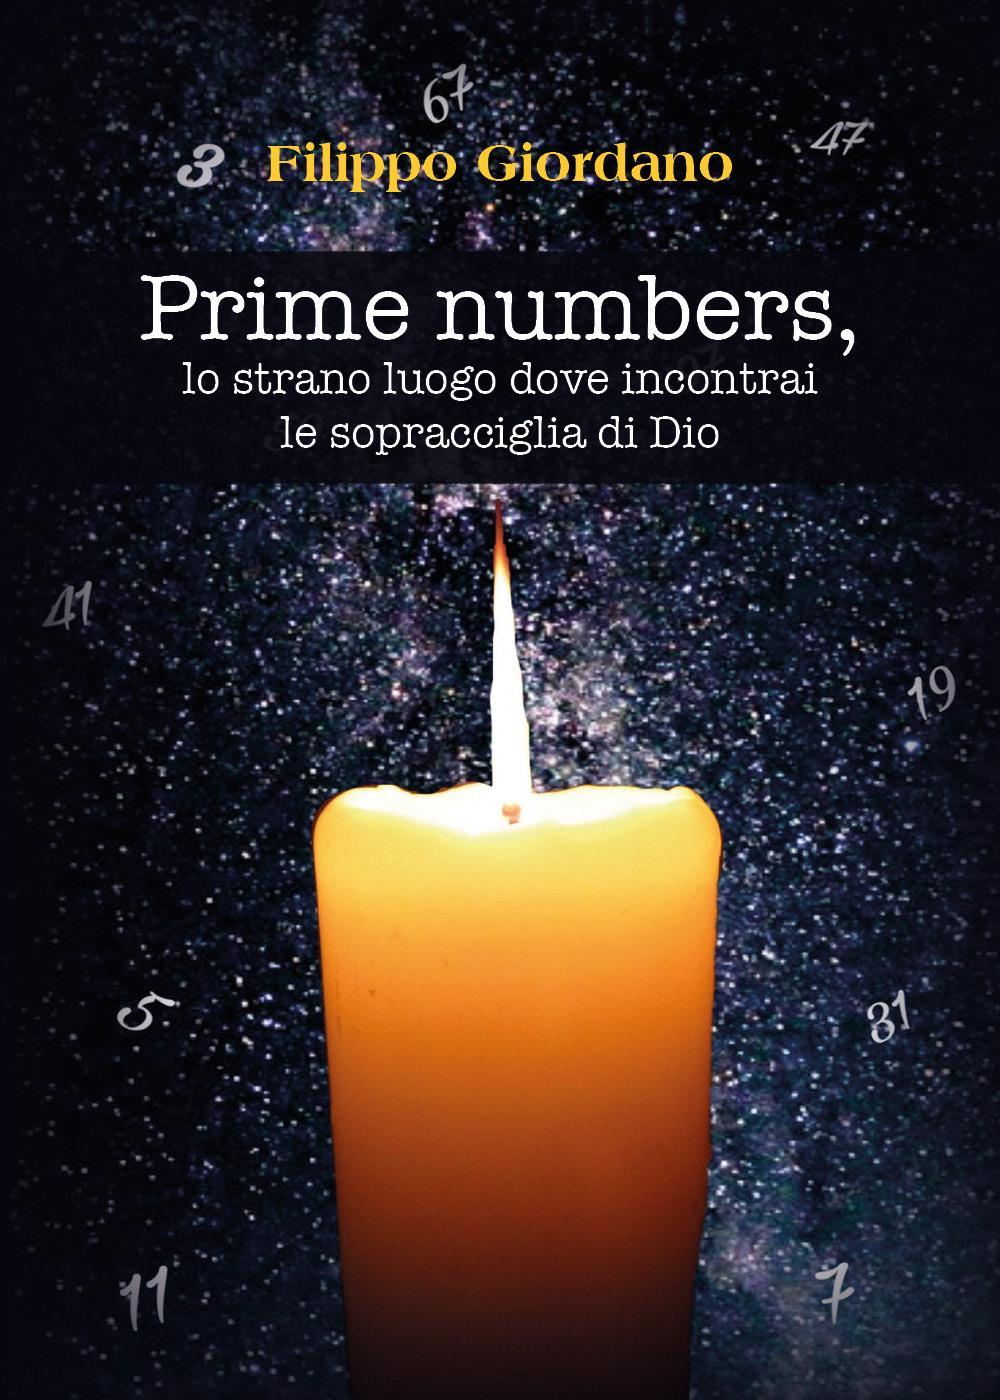 Prime numbers, lo strano luogo dove incontrai le sopracciglia di Dio